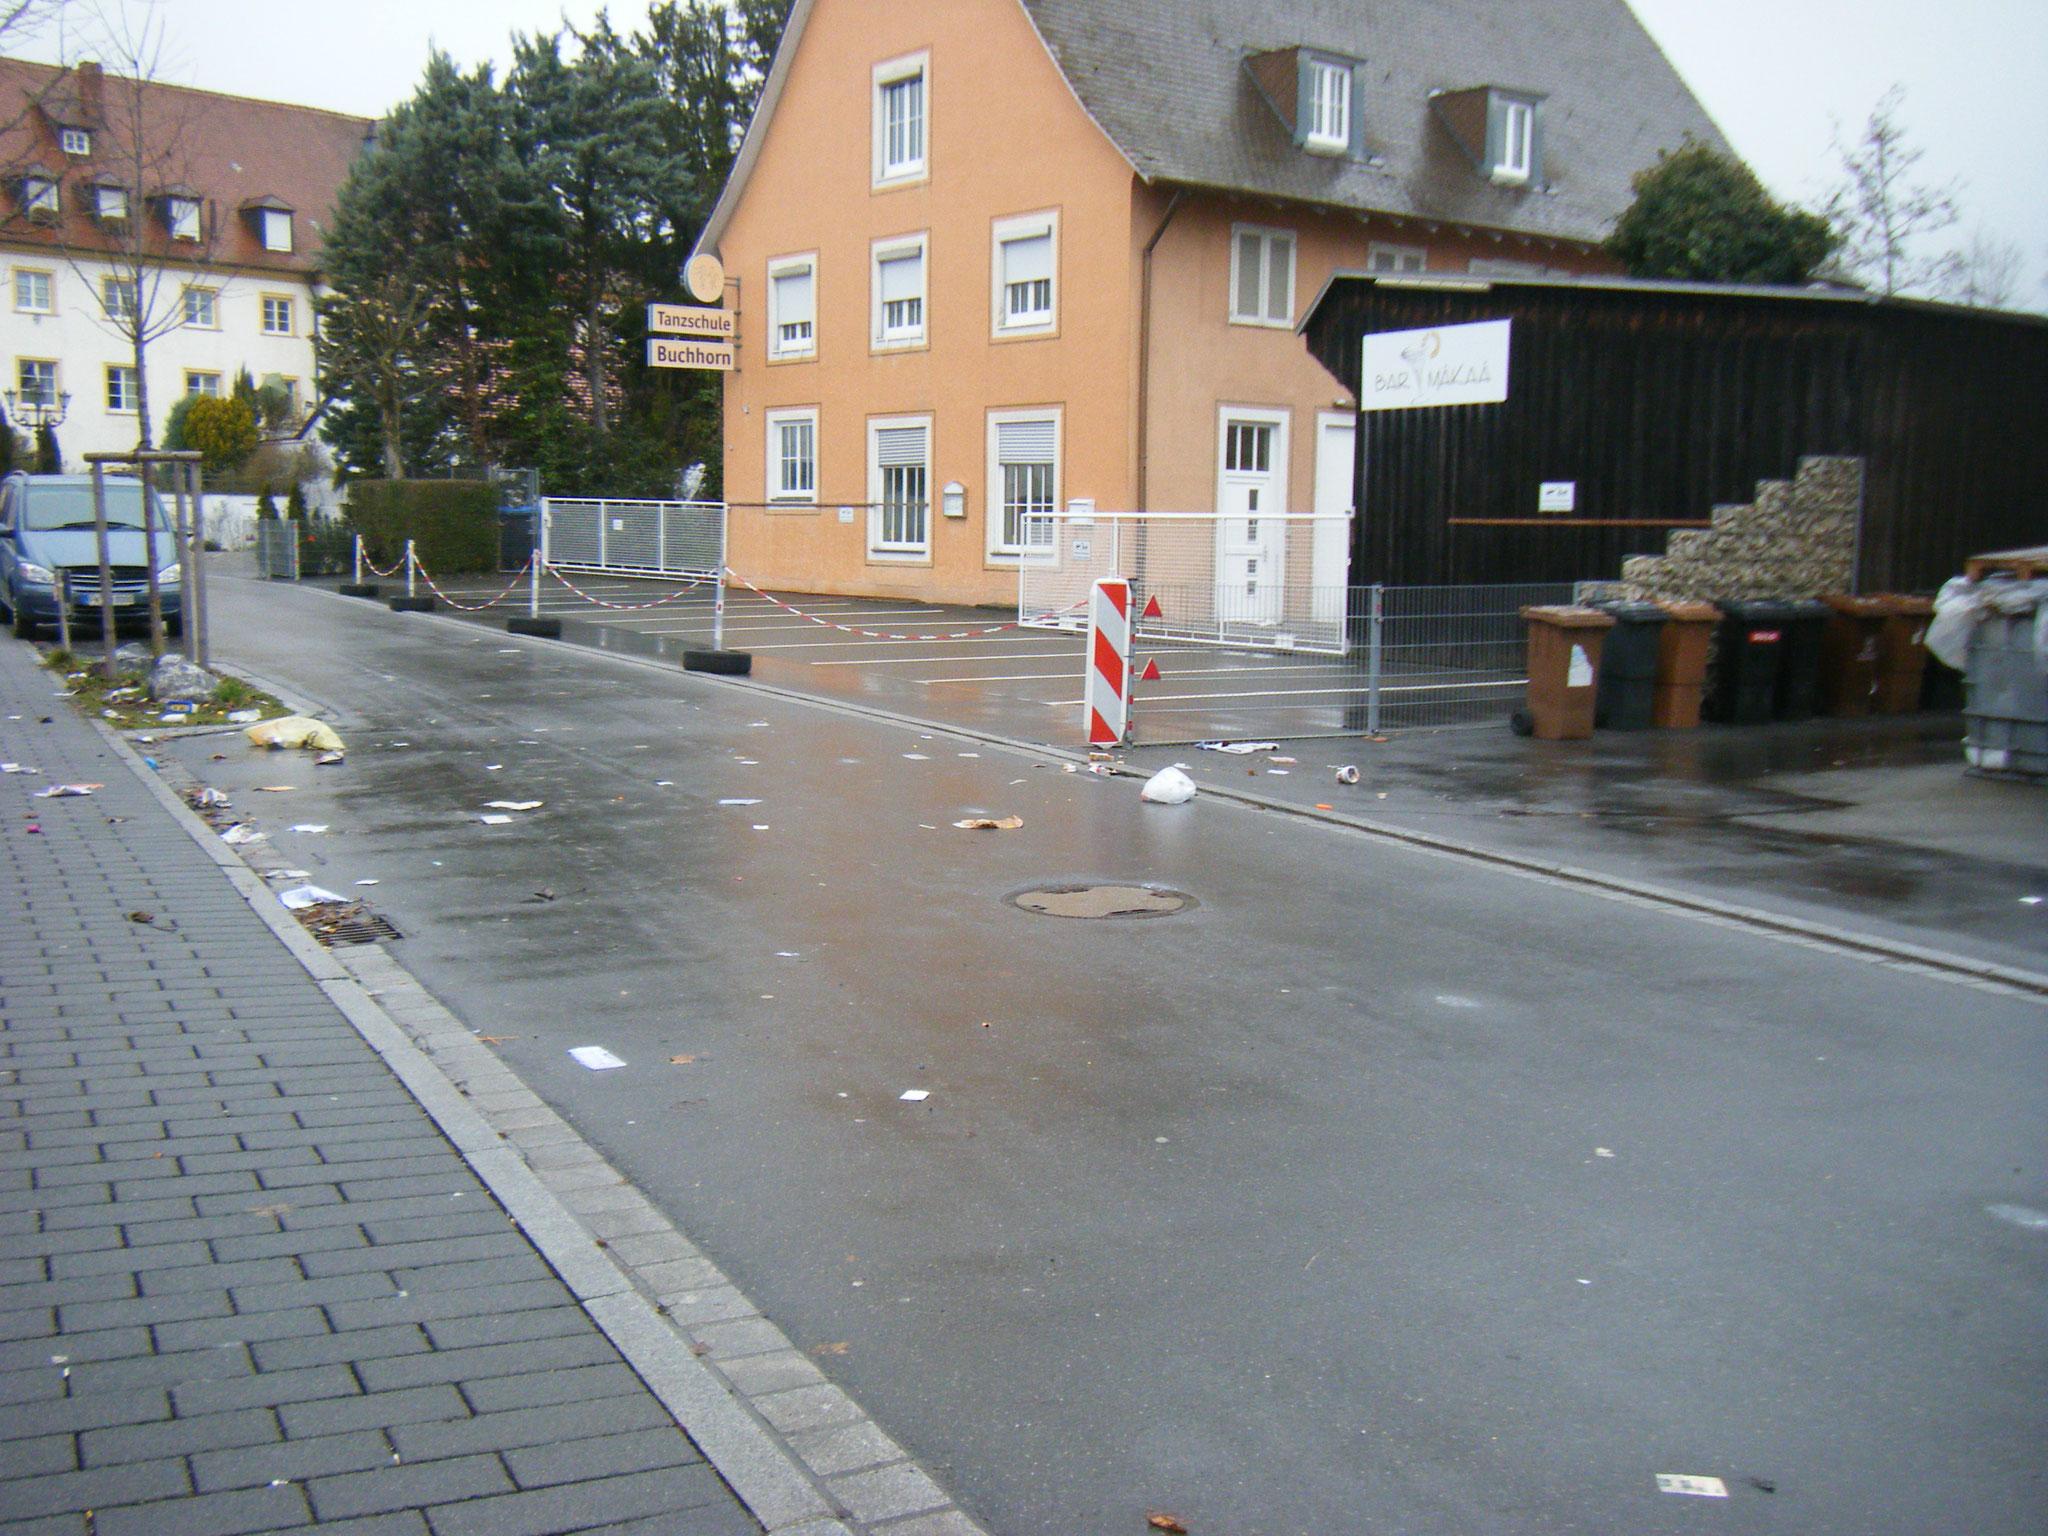 Aistegstraße, Nordteil: mehrere gelbe Säcke, zerrissen und über die Straße verstreut